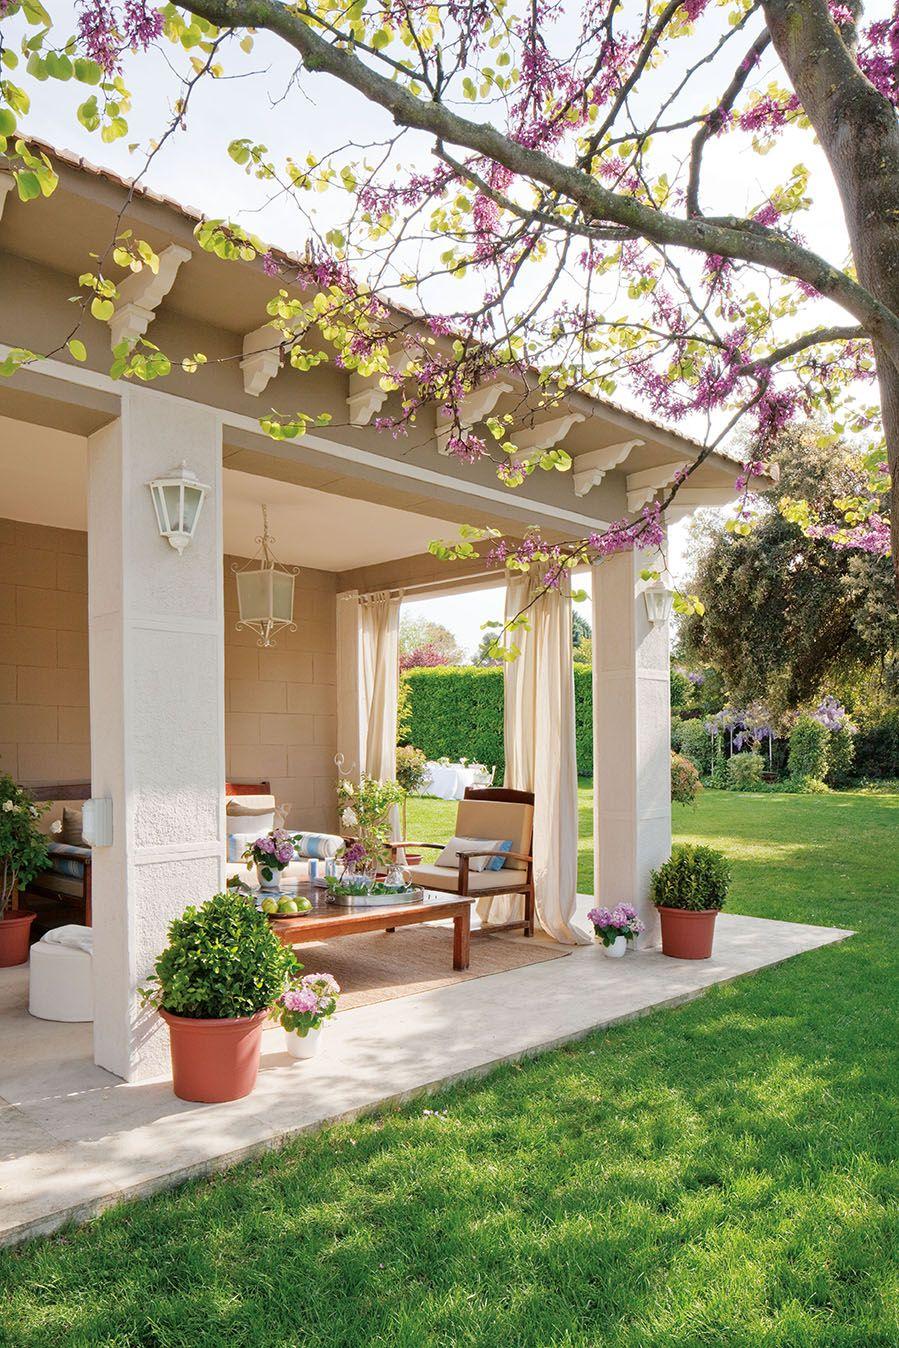 Porche Con Butacas Y Maceteros Junto Al C Sped Del Jard N_00323548  # Casa Nunez Muebles De Jardin